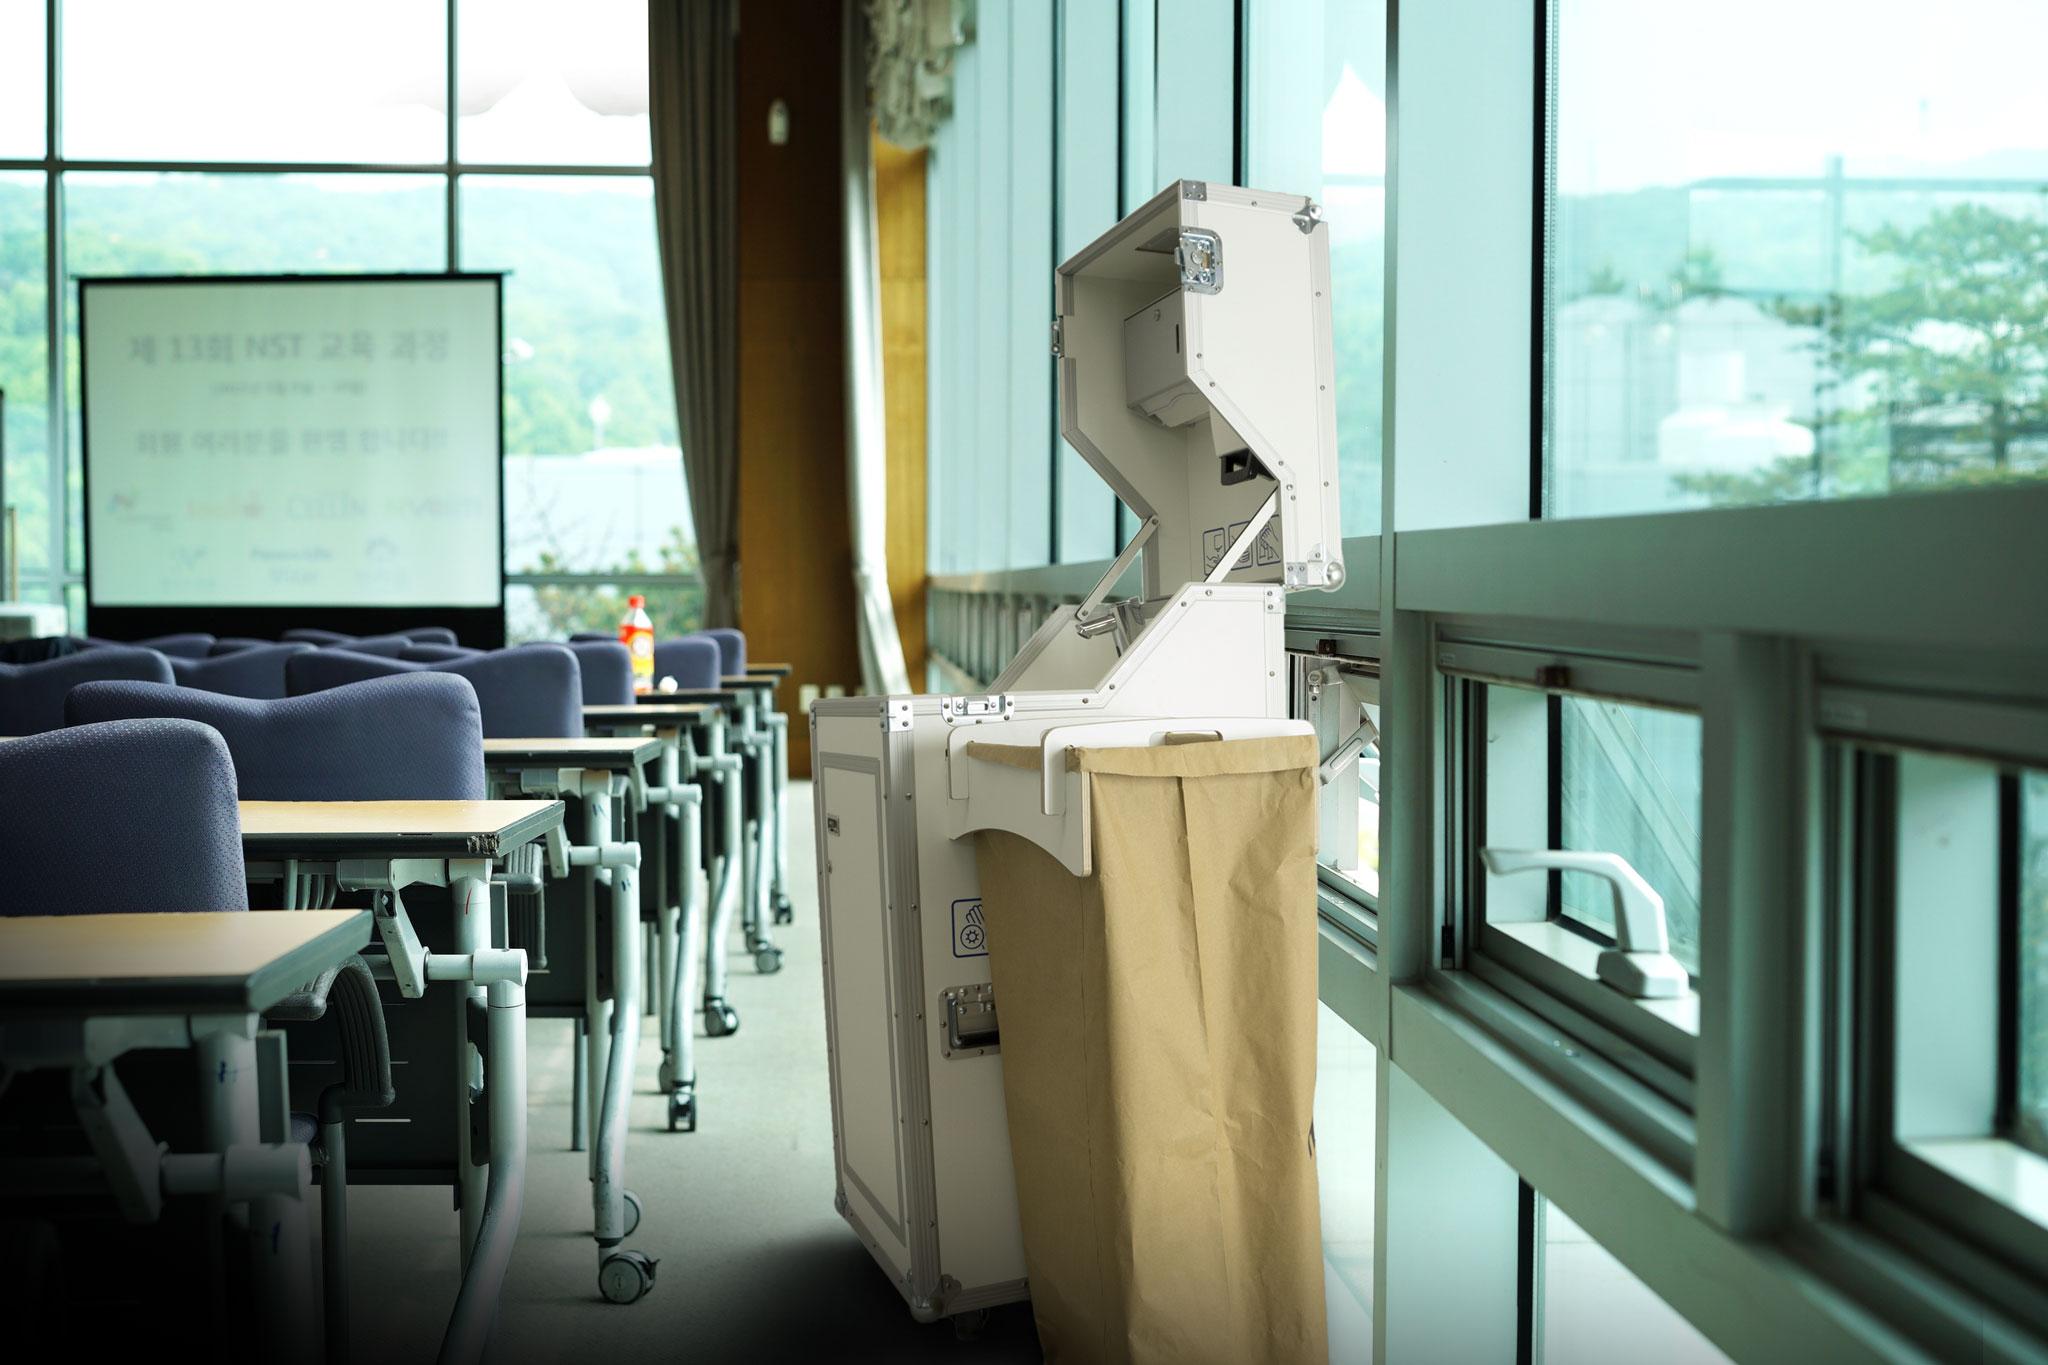 Full Size of Kitcase Gebraucht Pro Art Gmbh Kleinkchen Einbauküche Gebrauchte Küche Verkaufen Fenster Kaufen Landhausküche Edelstahlküche Gebrauchtwagen Bad Kreuznach Wohnzimmer Kitcase Gebraucht